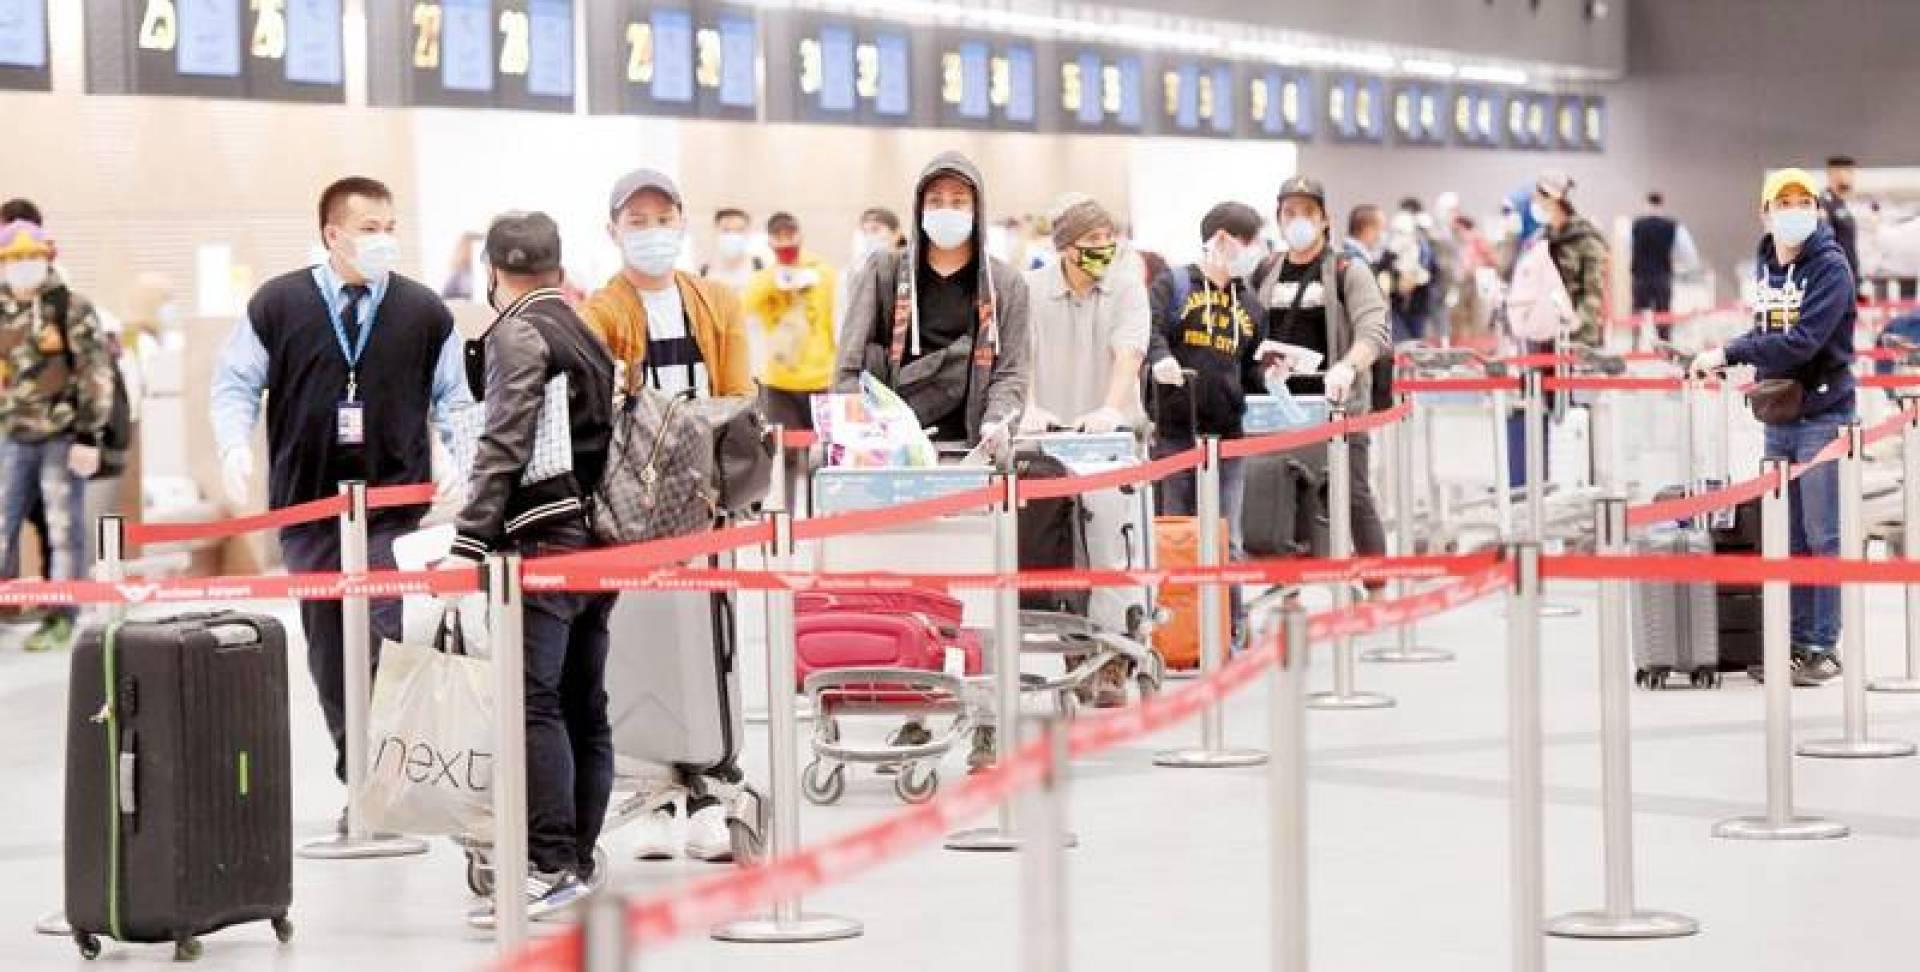 الجميع مترقبّاً فتح المطار لكل الوجهات.. وفق ضوابط (أرشيفية)